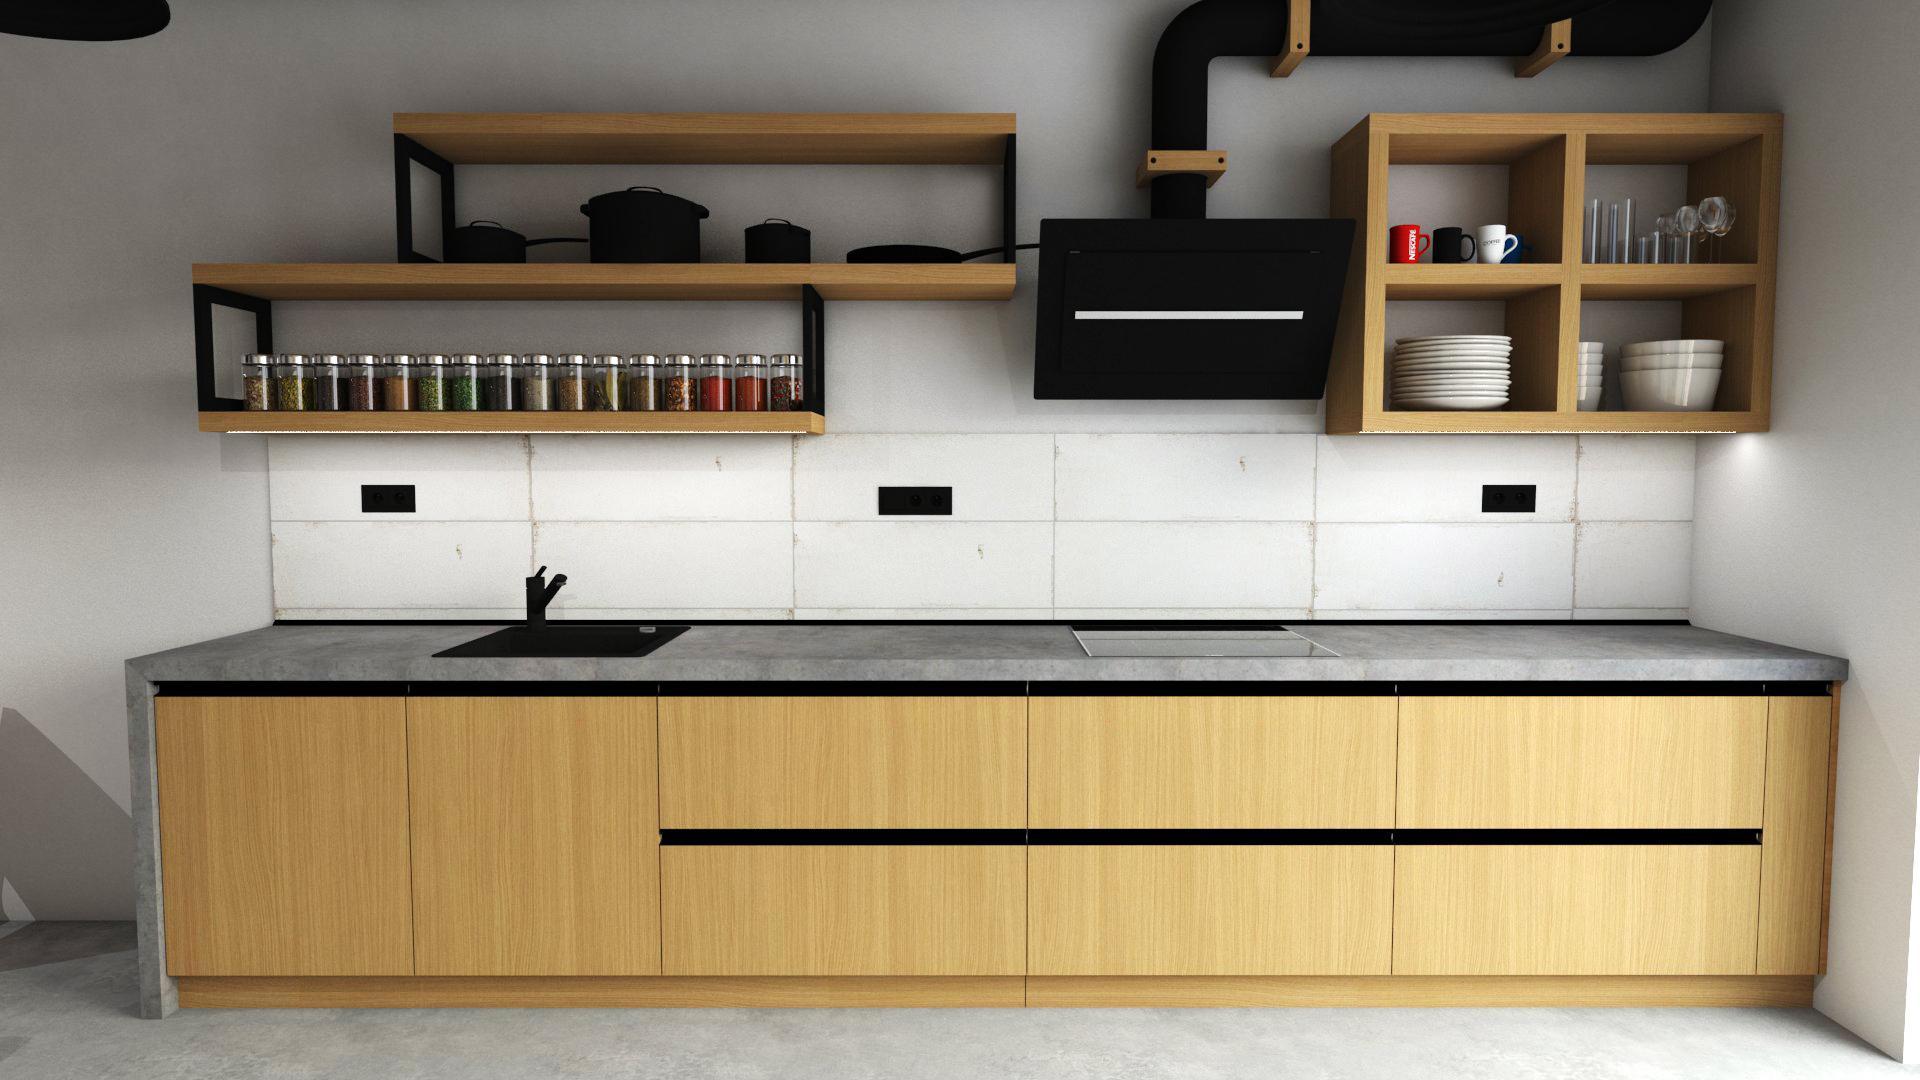 Kuchyně - Moderní kuchyně s industriálními rysy. Imitace betonu a masivní dubové dýhy dodává kuchyni ten správný šmrnc.